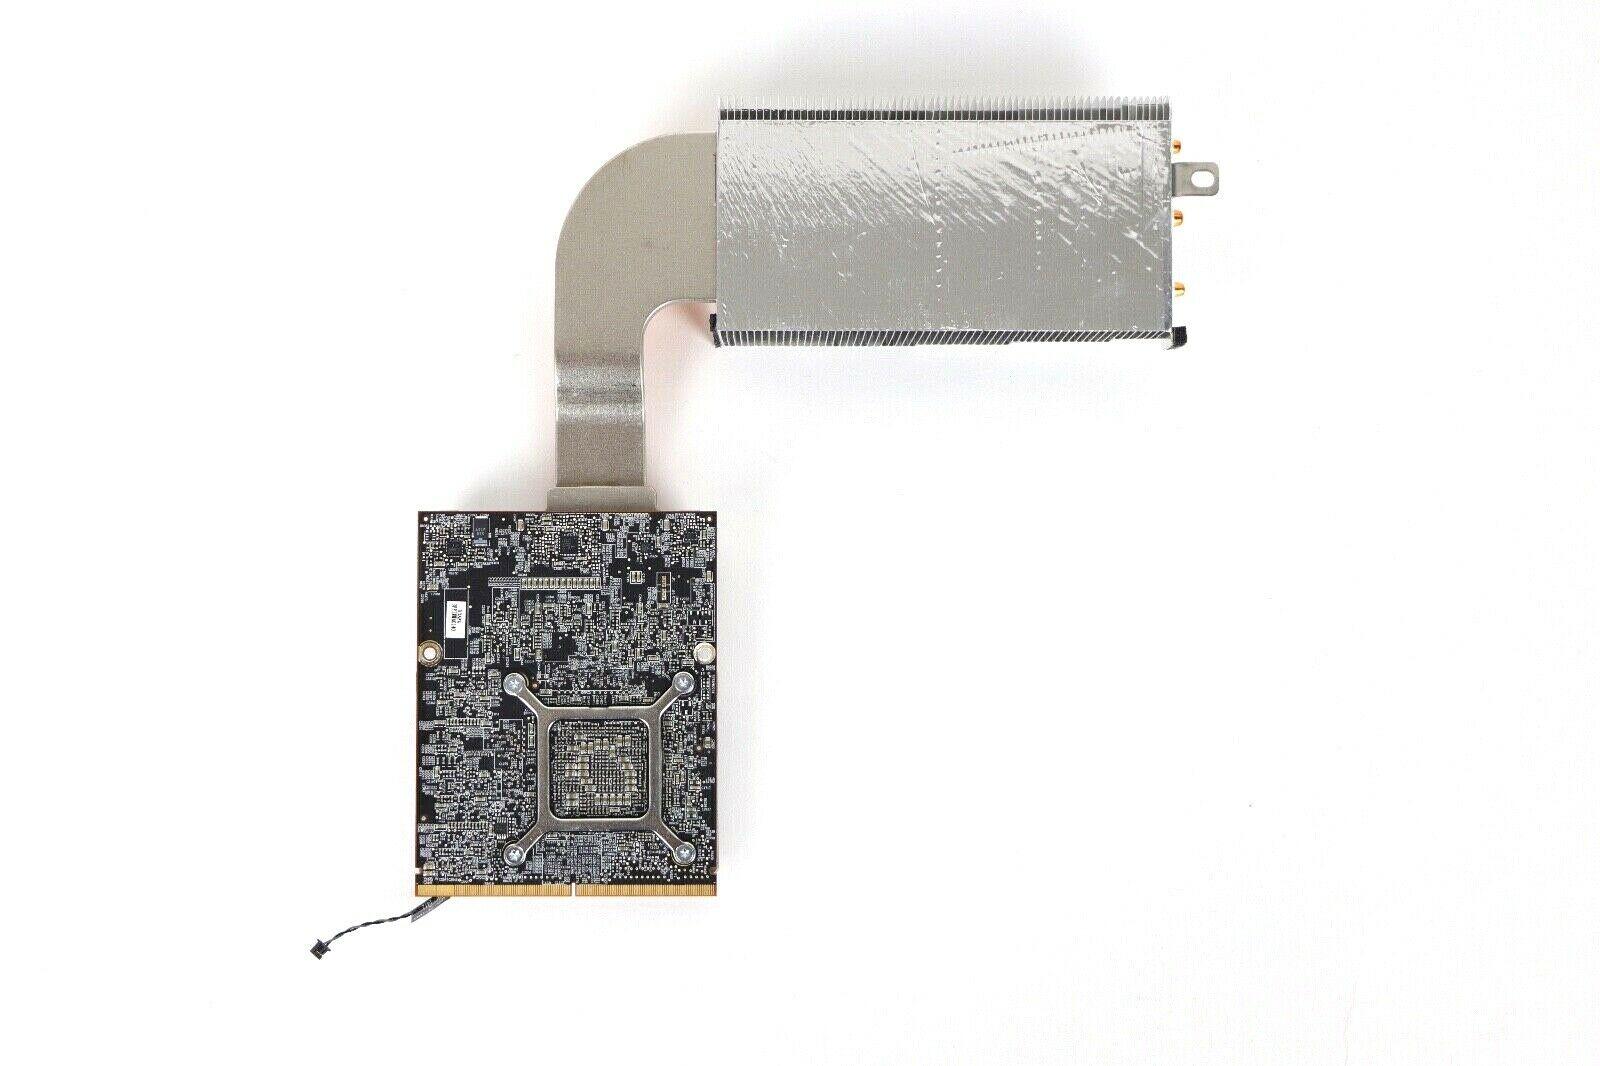 Замена видеочипа или видеокарты iMac в Харькове